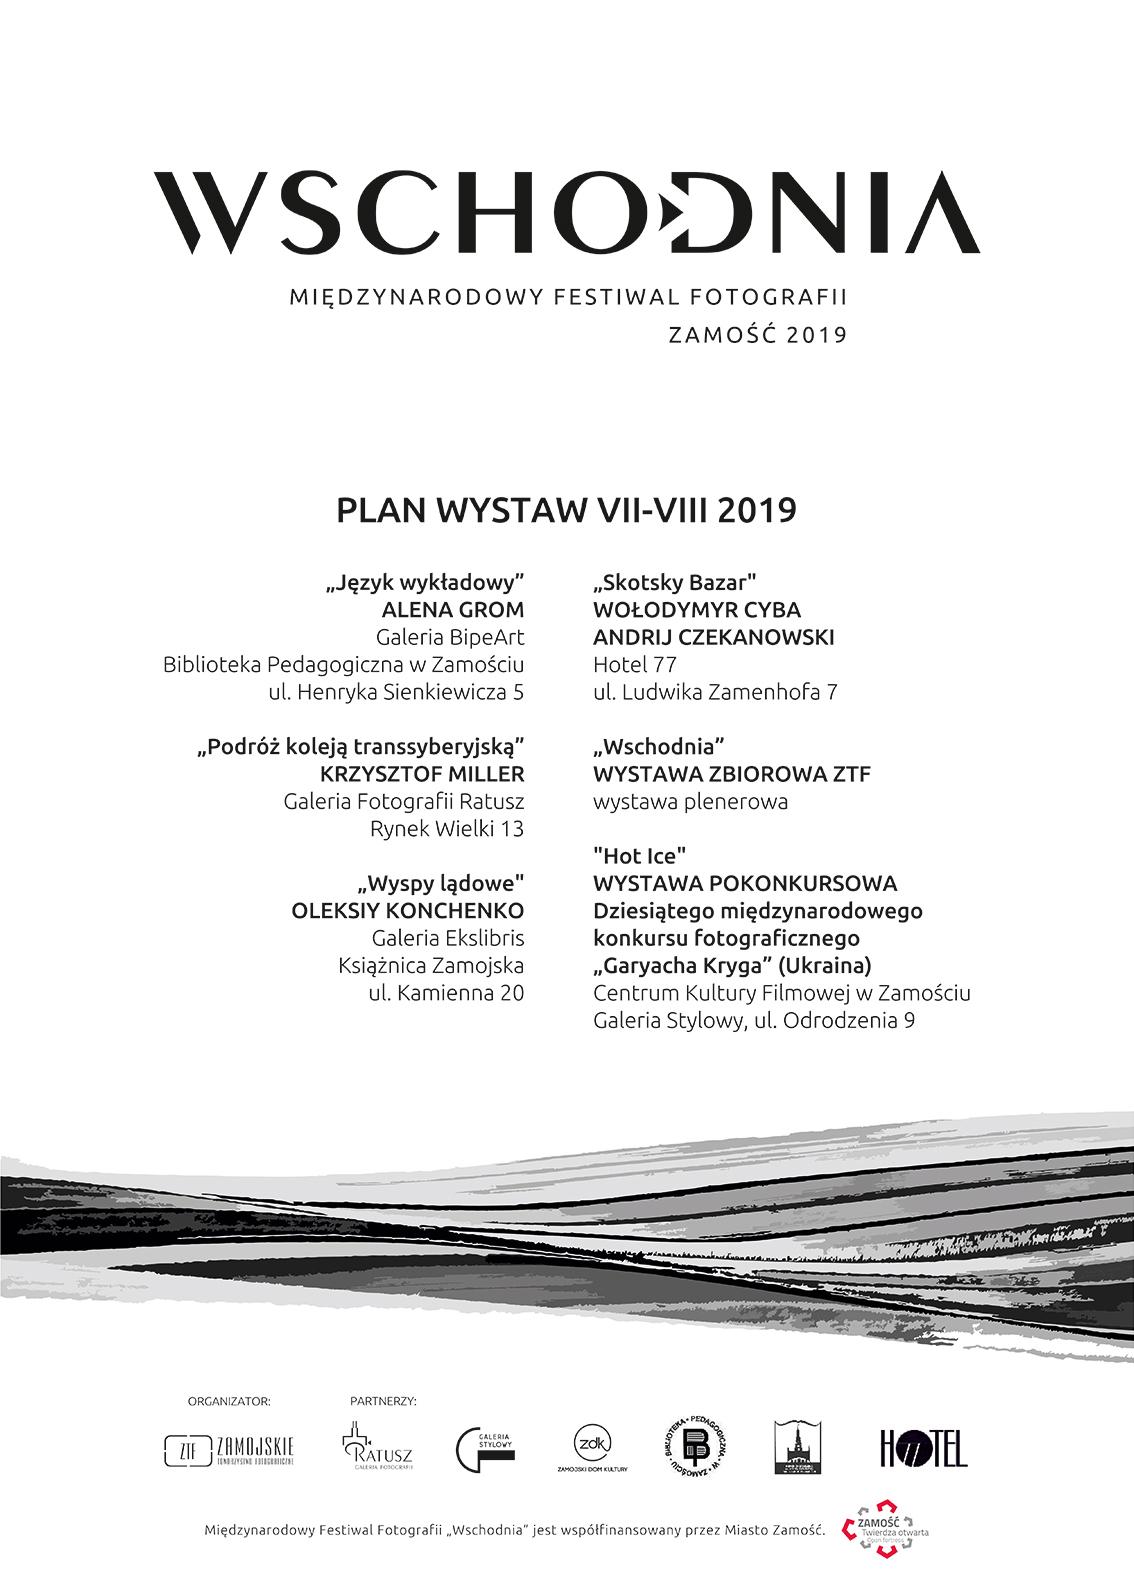 wschodnia2019 plakat glowny web Zamość: Przed nami Międzynarodowy Festiwal Fotografii Wschodnia 2019